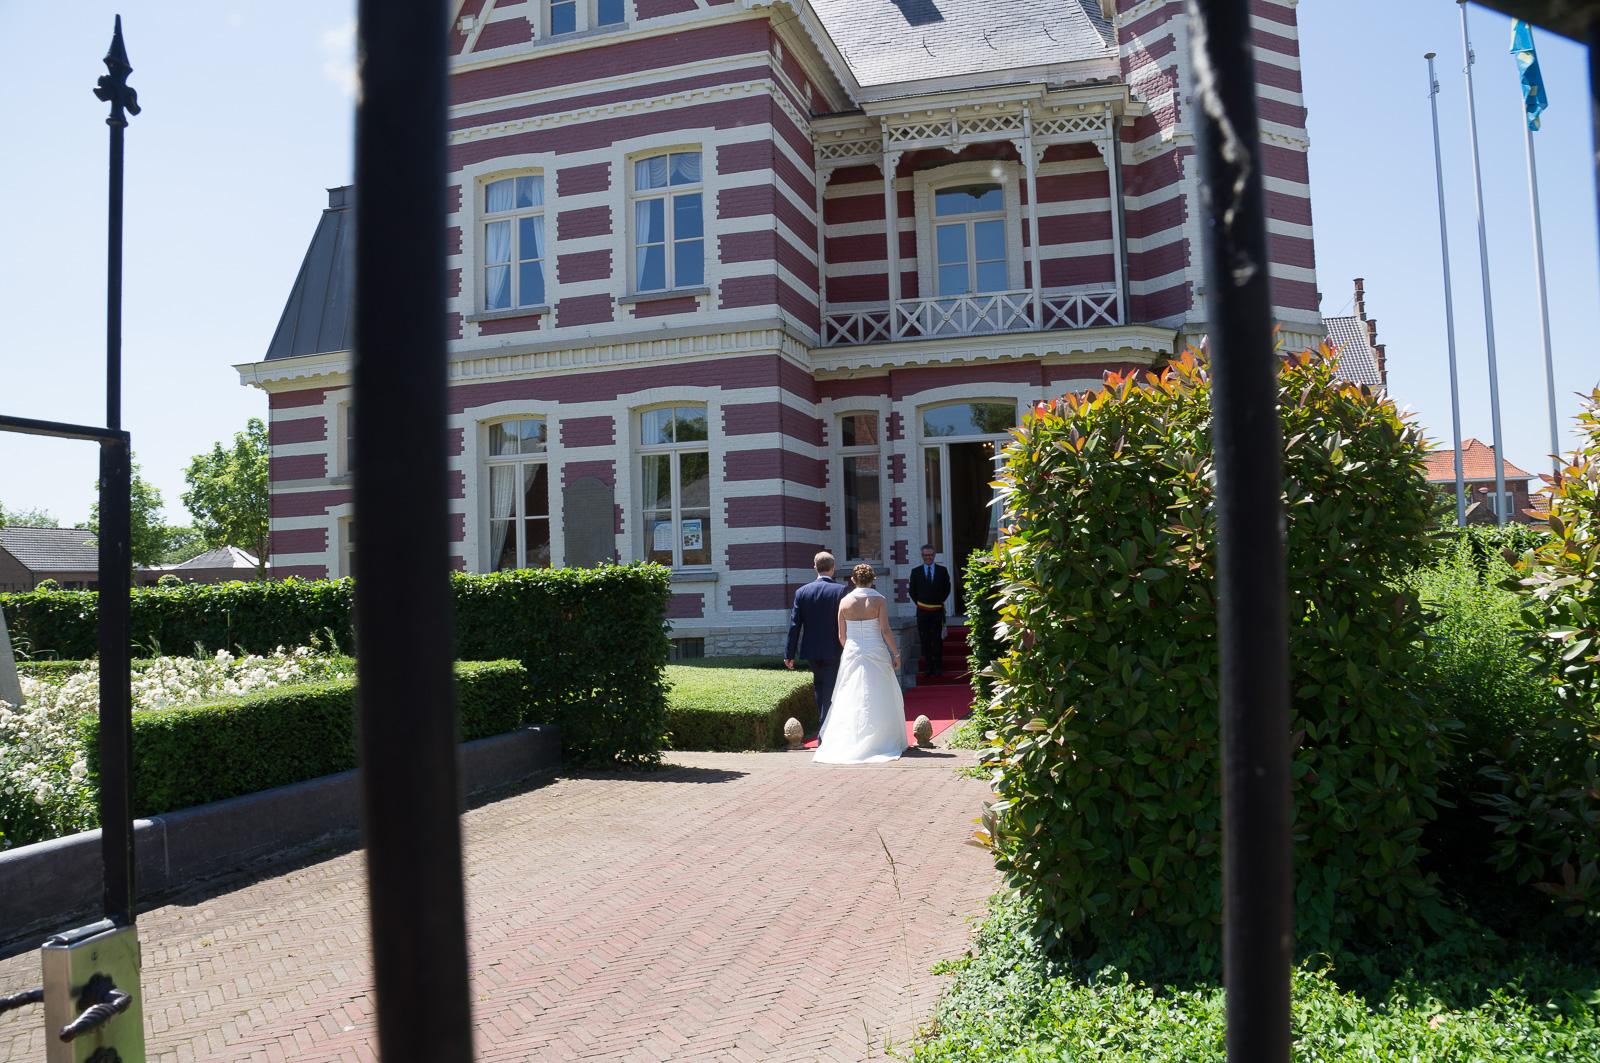 huwelijksfotografie, huwelijkspaar, huwelijksfotografie in Kampenhout, Brussel, trouwfotograaf, trouwfotografie